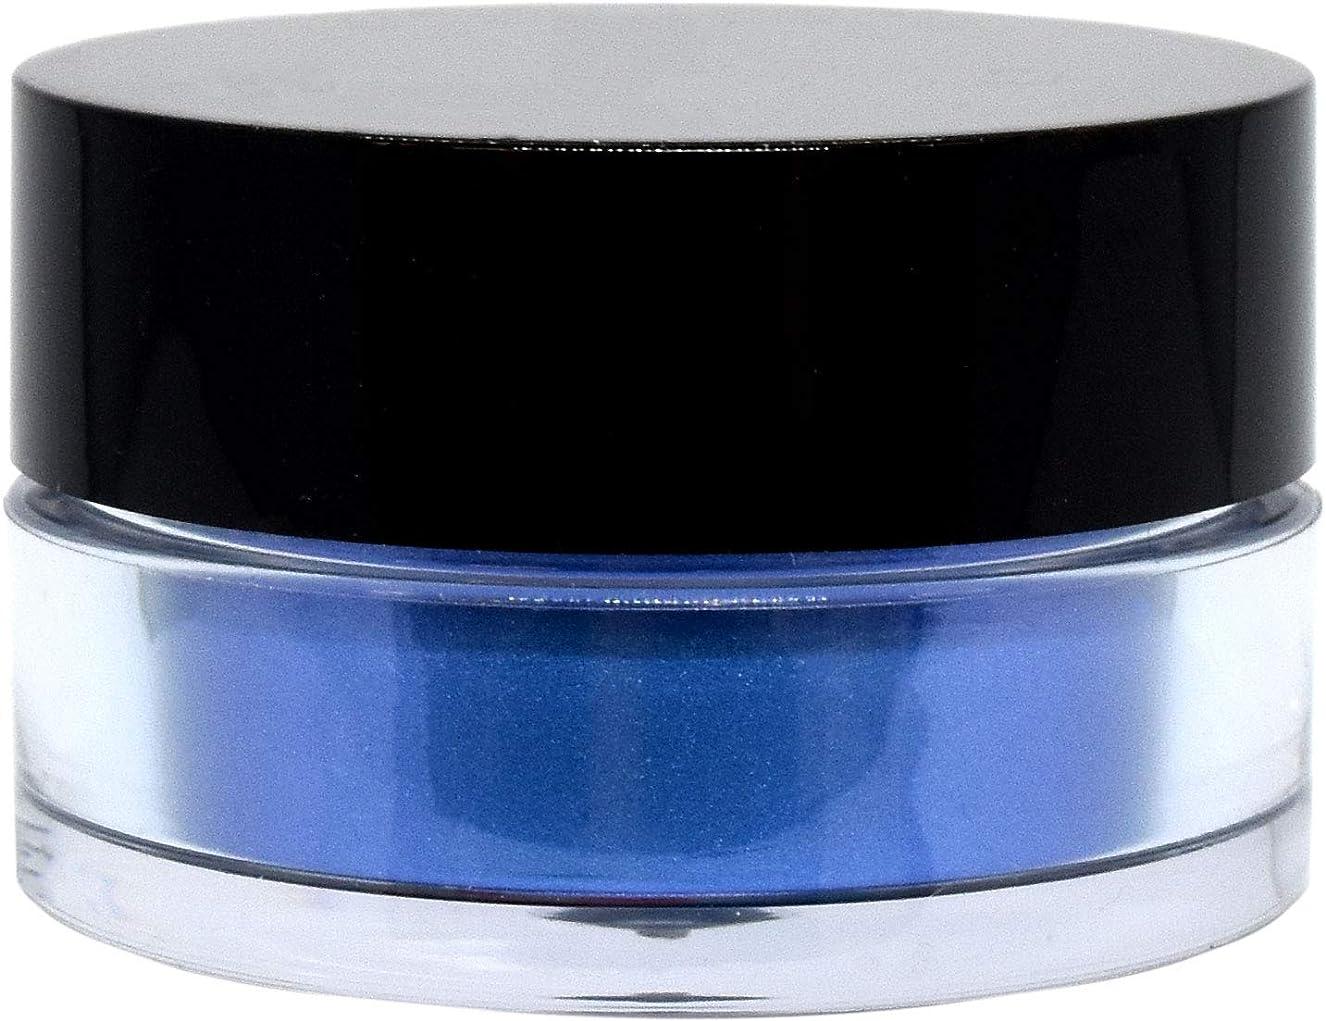 勇気孤独な血統三善 プチカラー 高発色 アイシャドウ パール col:15 ブルー系